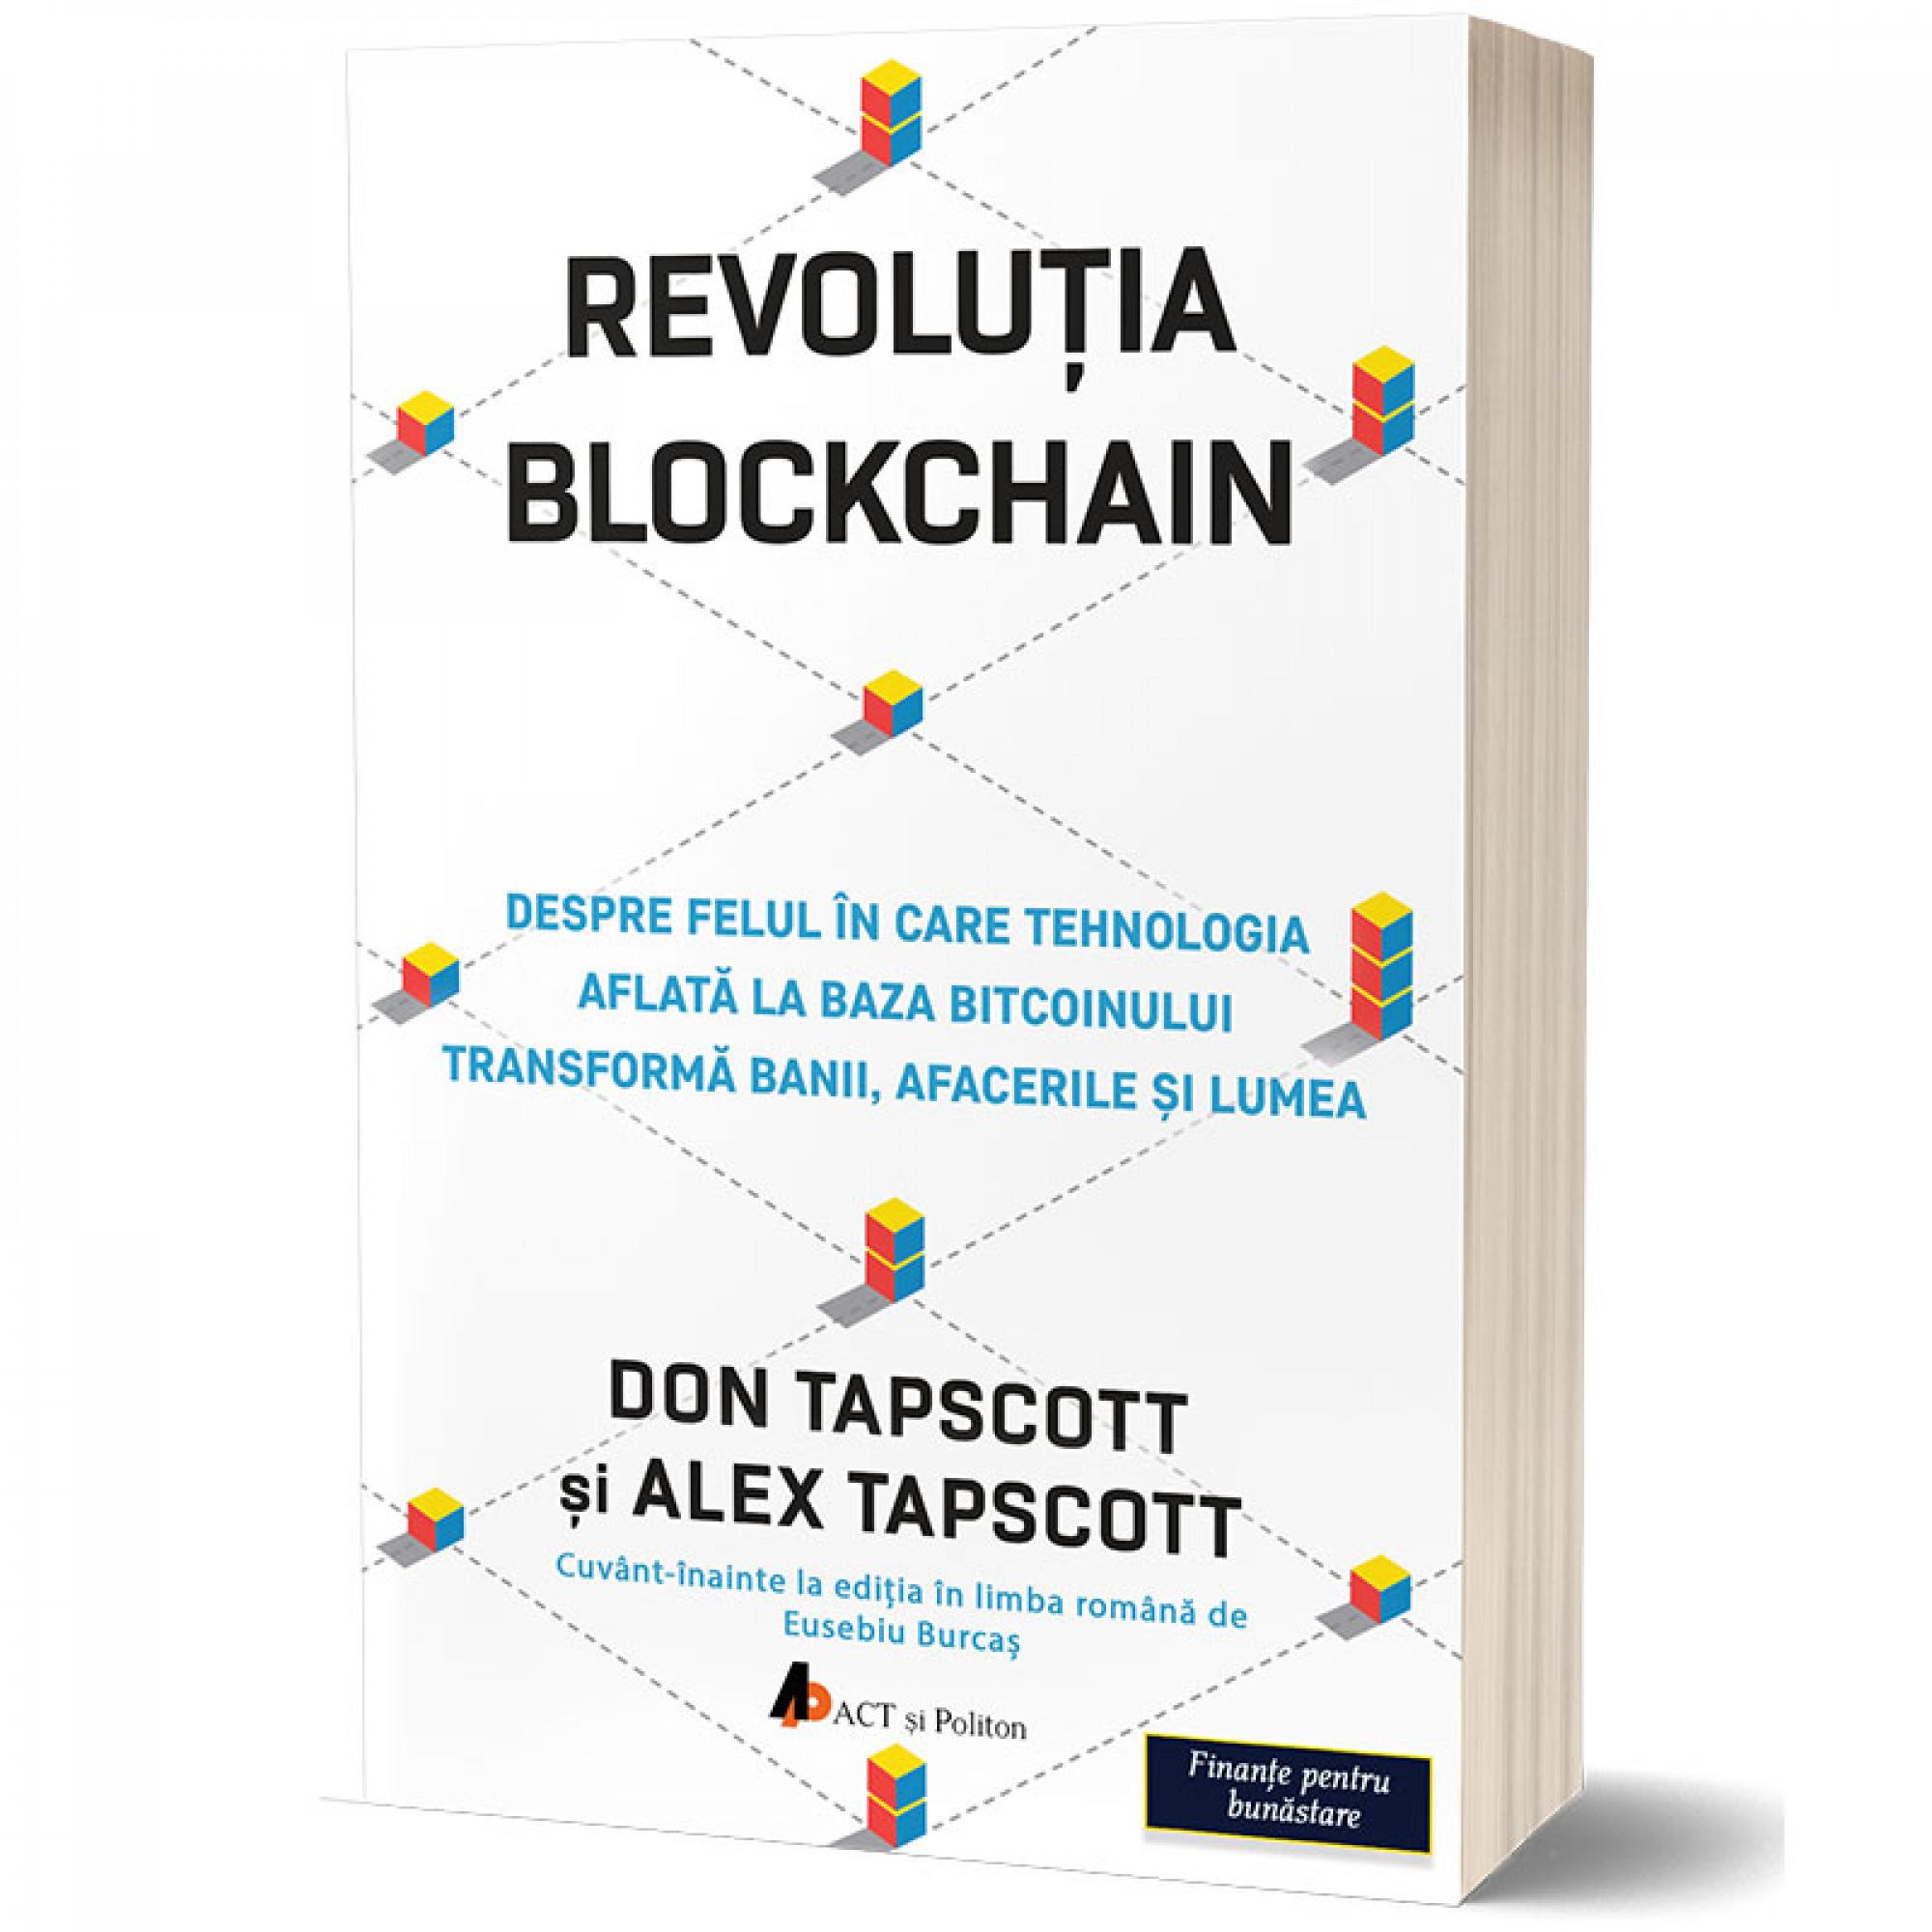 Revoluția Blockchain. Despre felul în care tehnologia aflată la baza bitcoinului transformă banii, afacerile și lumea; Don Tapscott, Alex Tapscott-ct